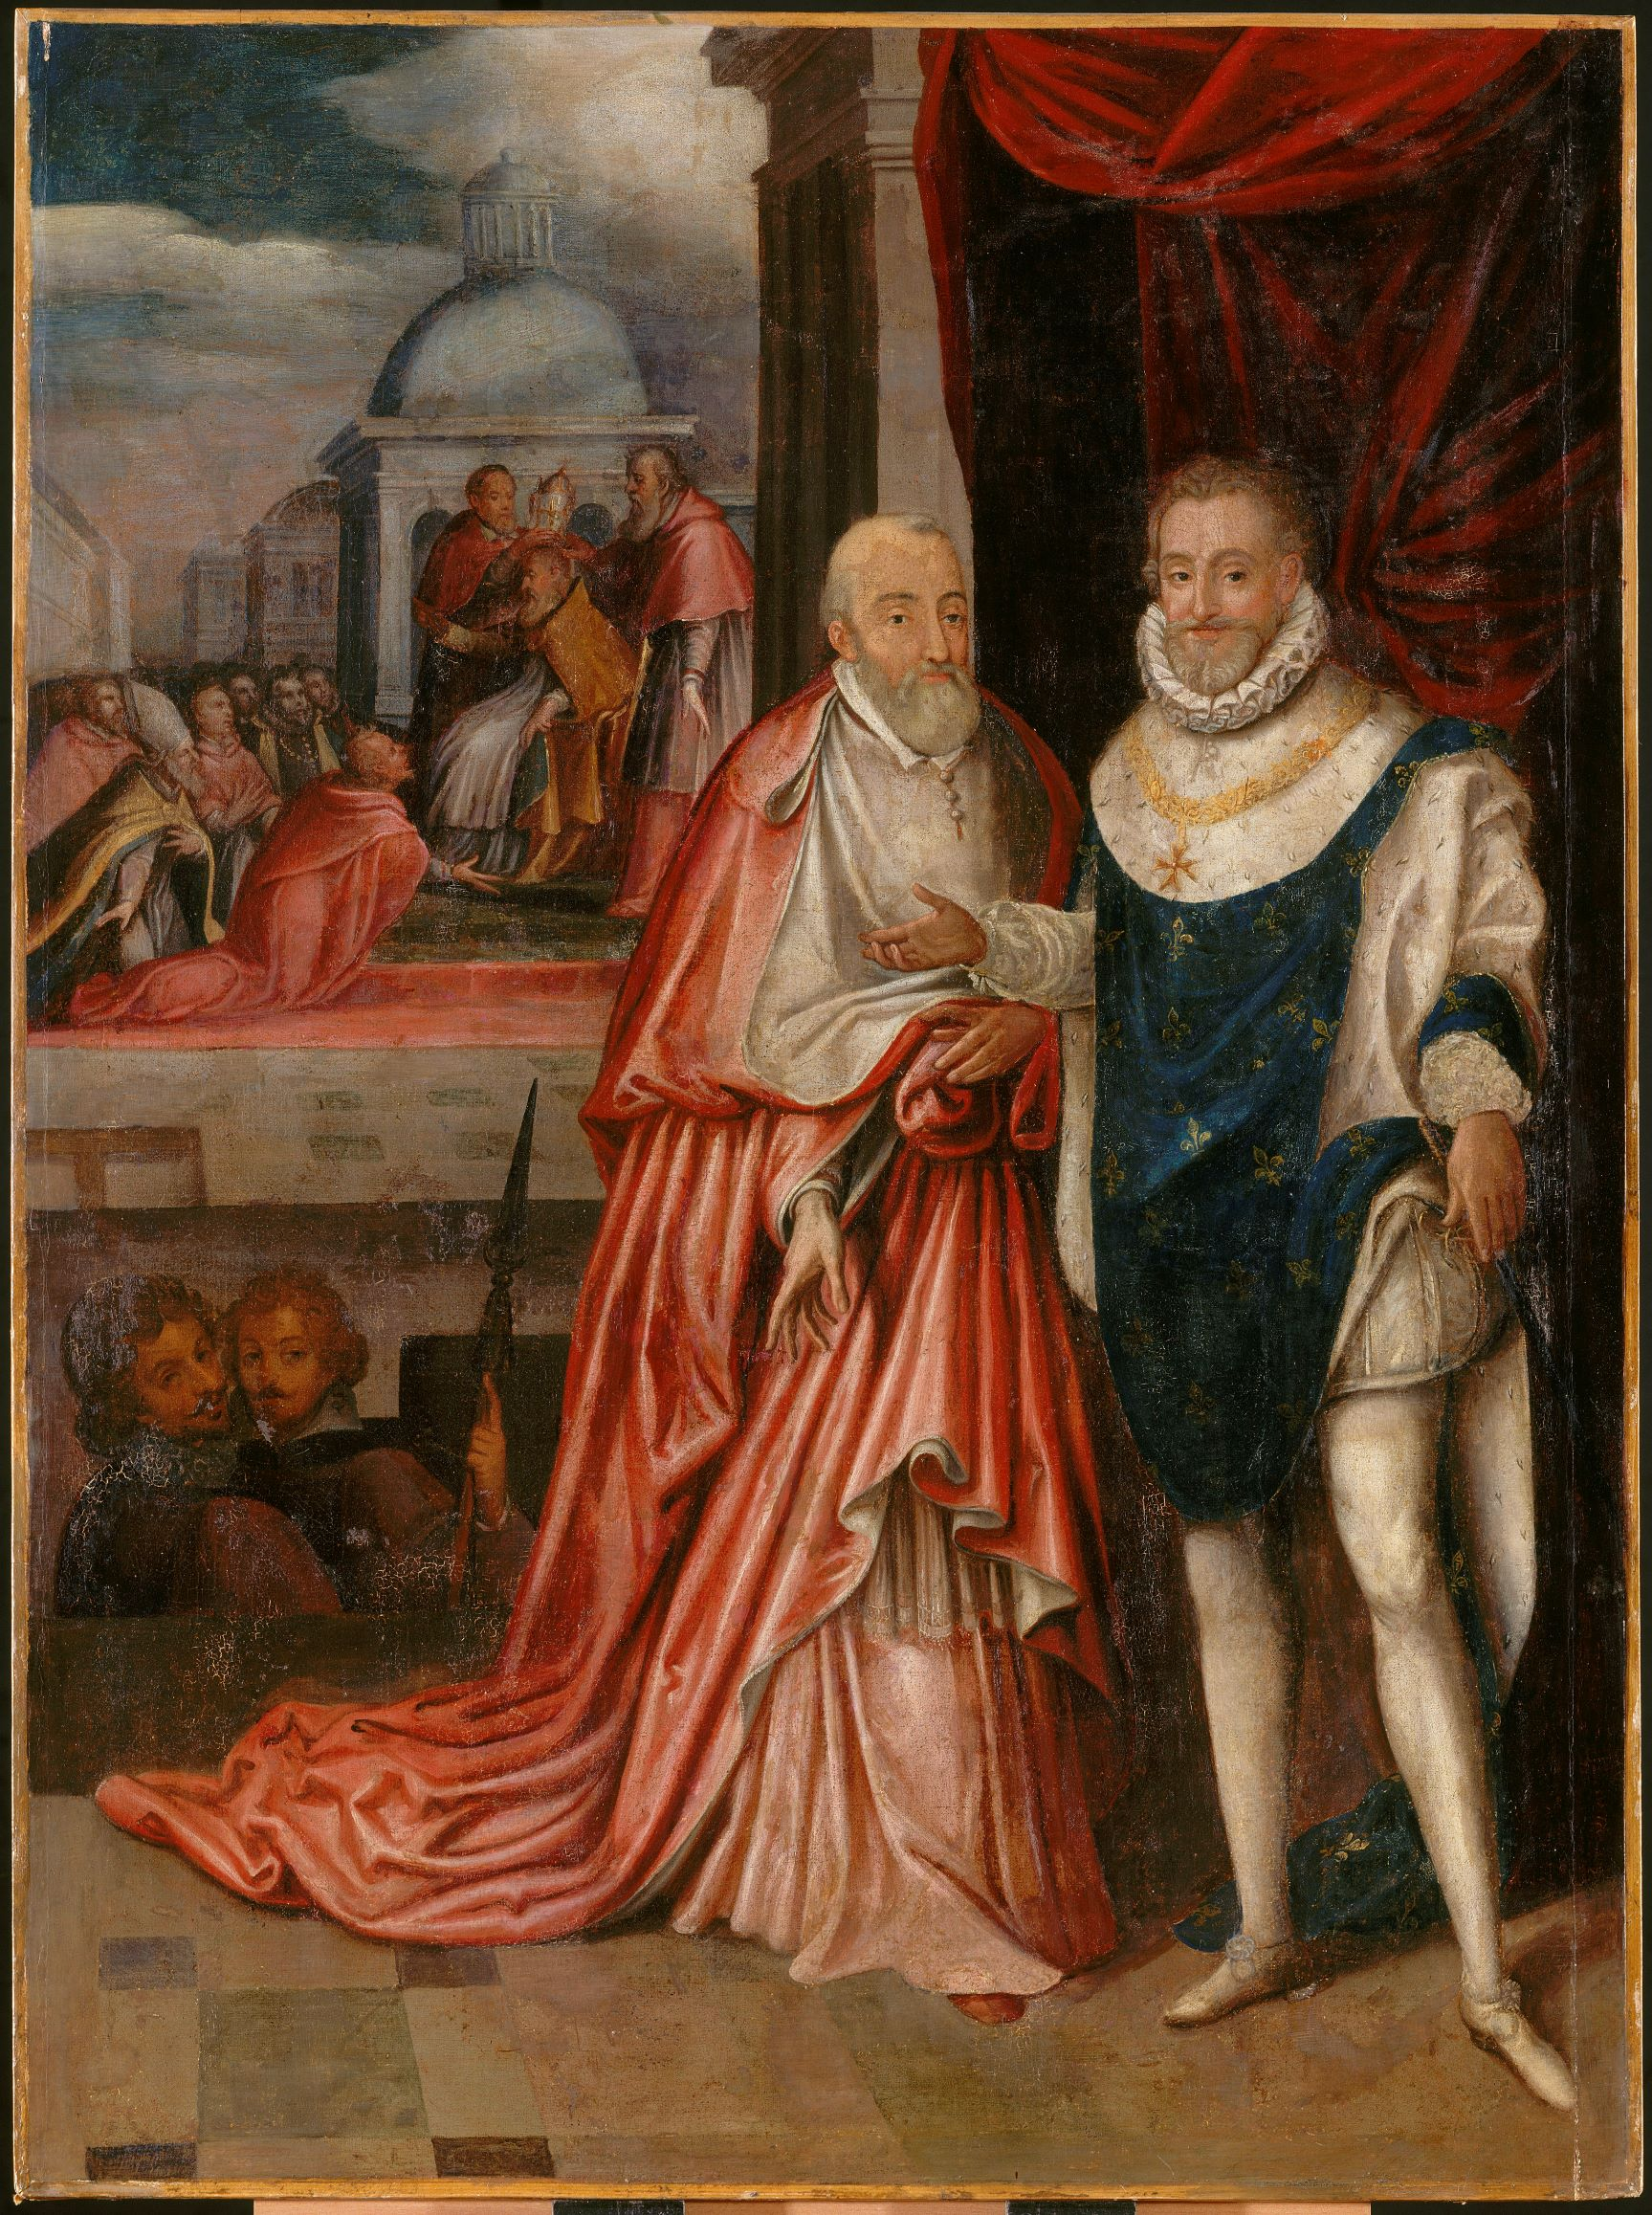 Henri IV et le cardinal Alexandre de Médicis, attribué à François Quesnel (v. 1543-1619), exécuté vers 1613